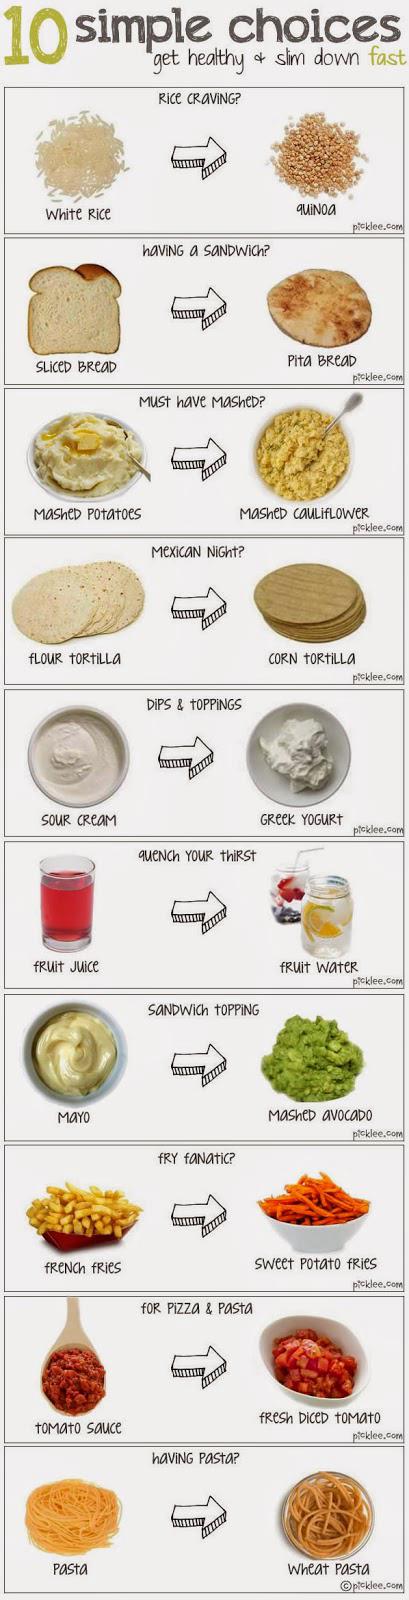 10 lựa chọn thực phẩm giúp khỏe mạnh và giảm cân nhanh